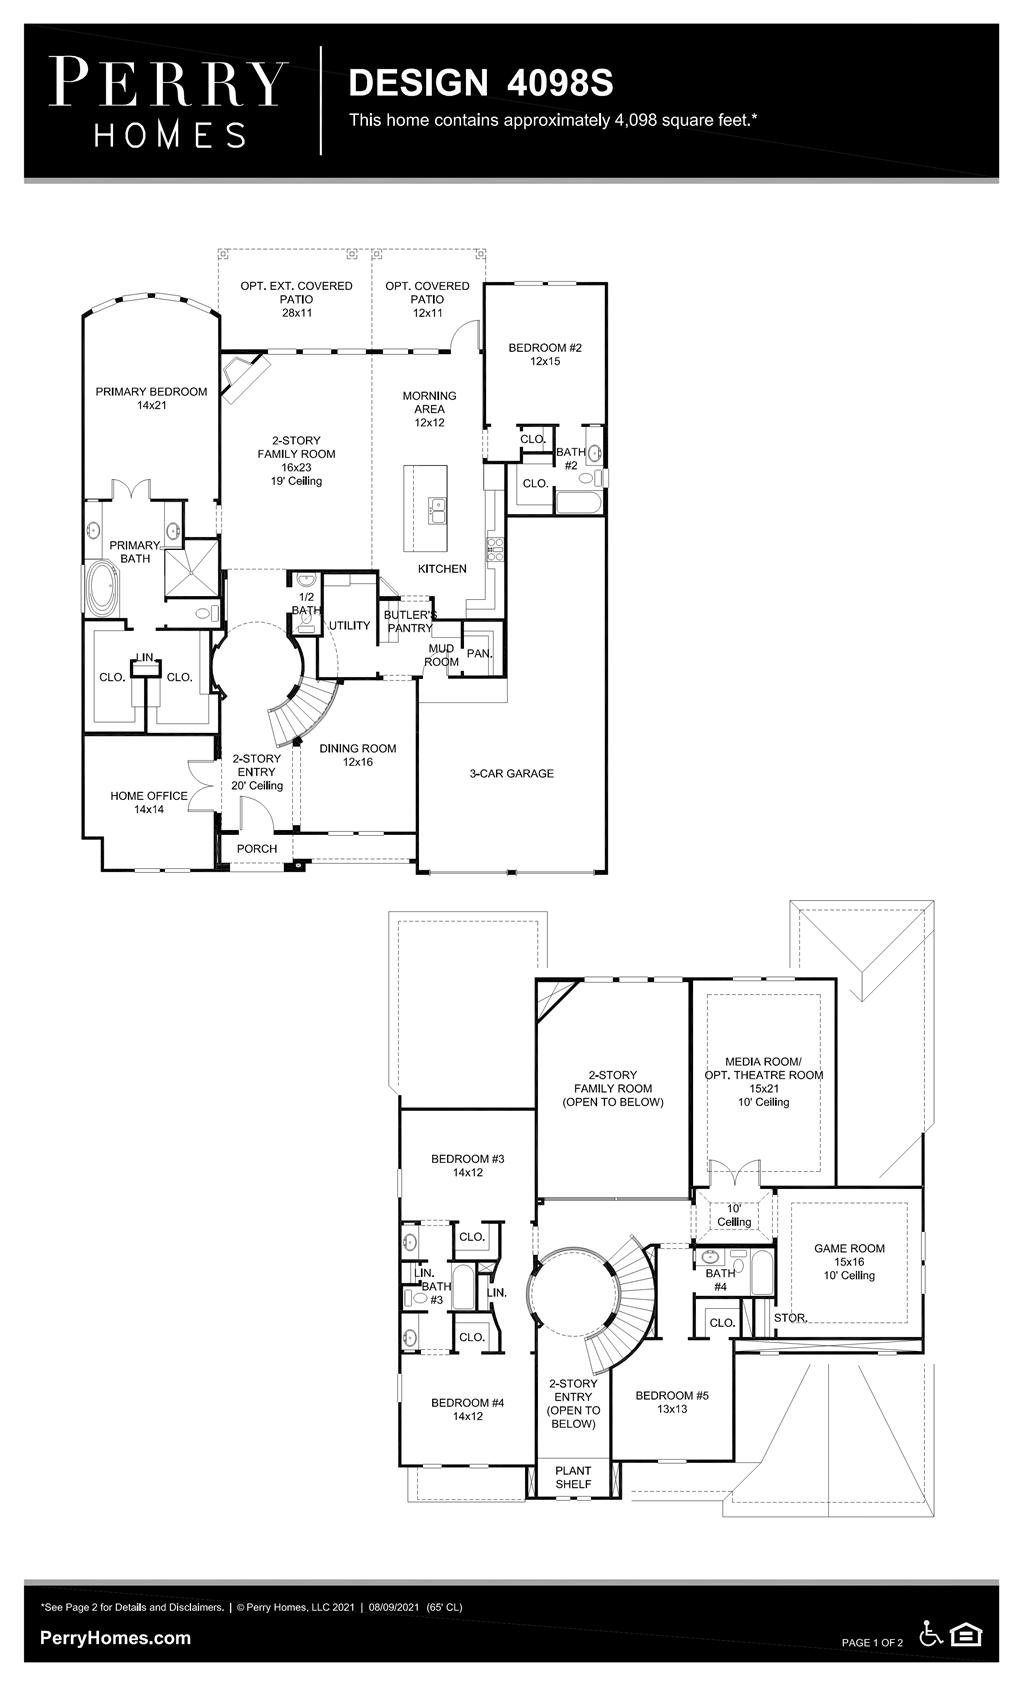 Floor Plan for 4098S